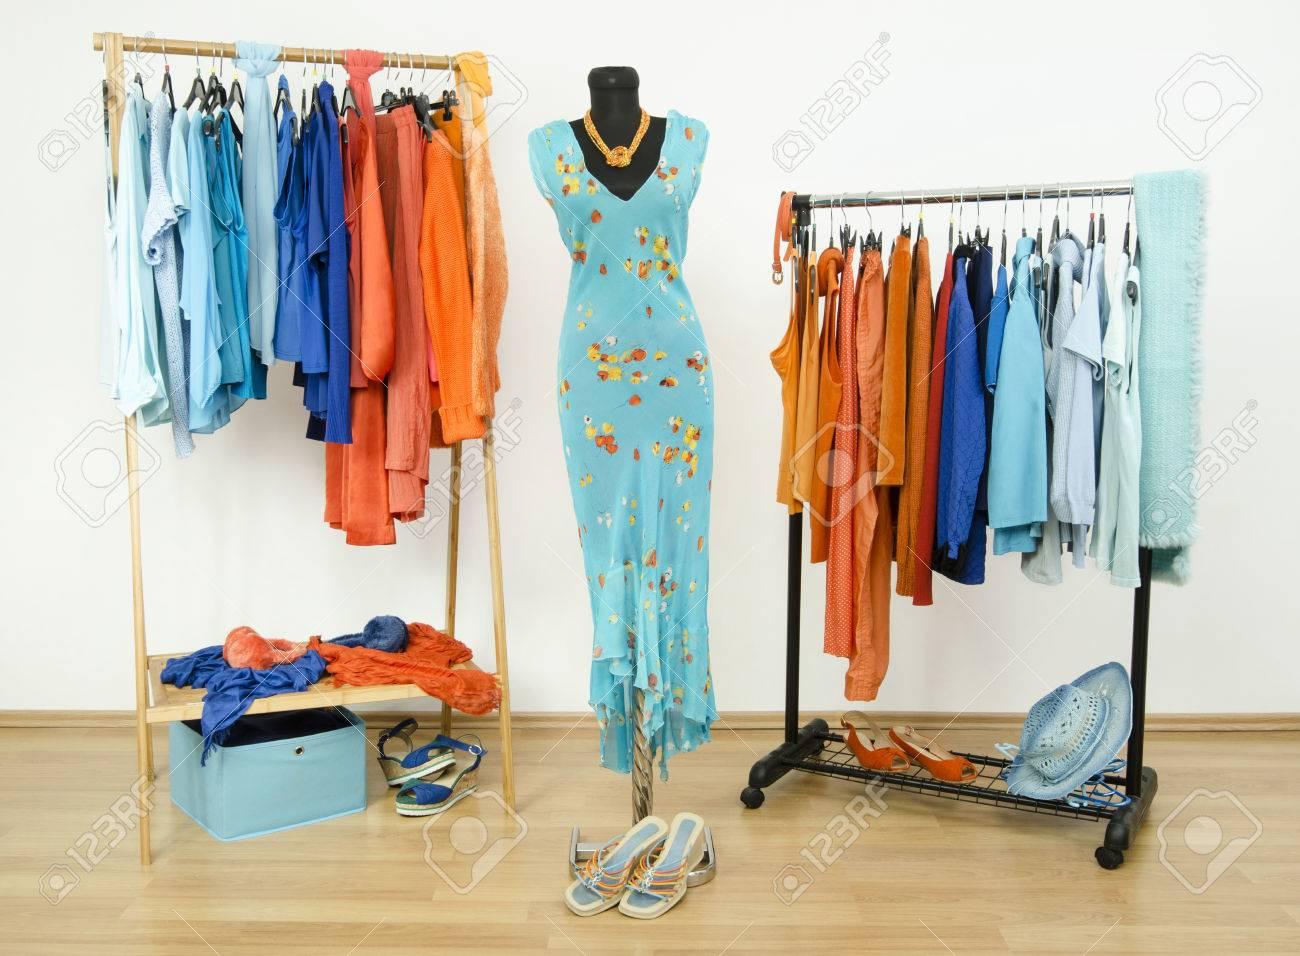 armario con colores naranja y ropa azules dispuestas en perchas vestir armario con ropa